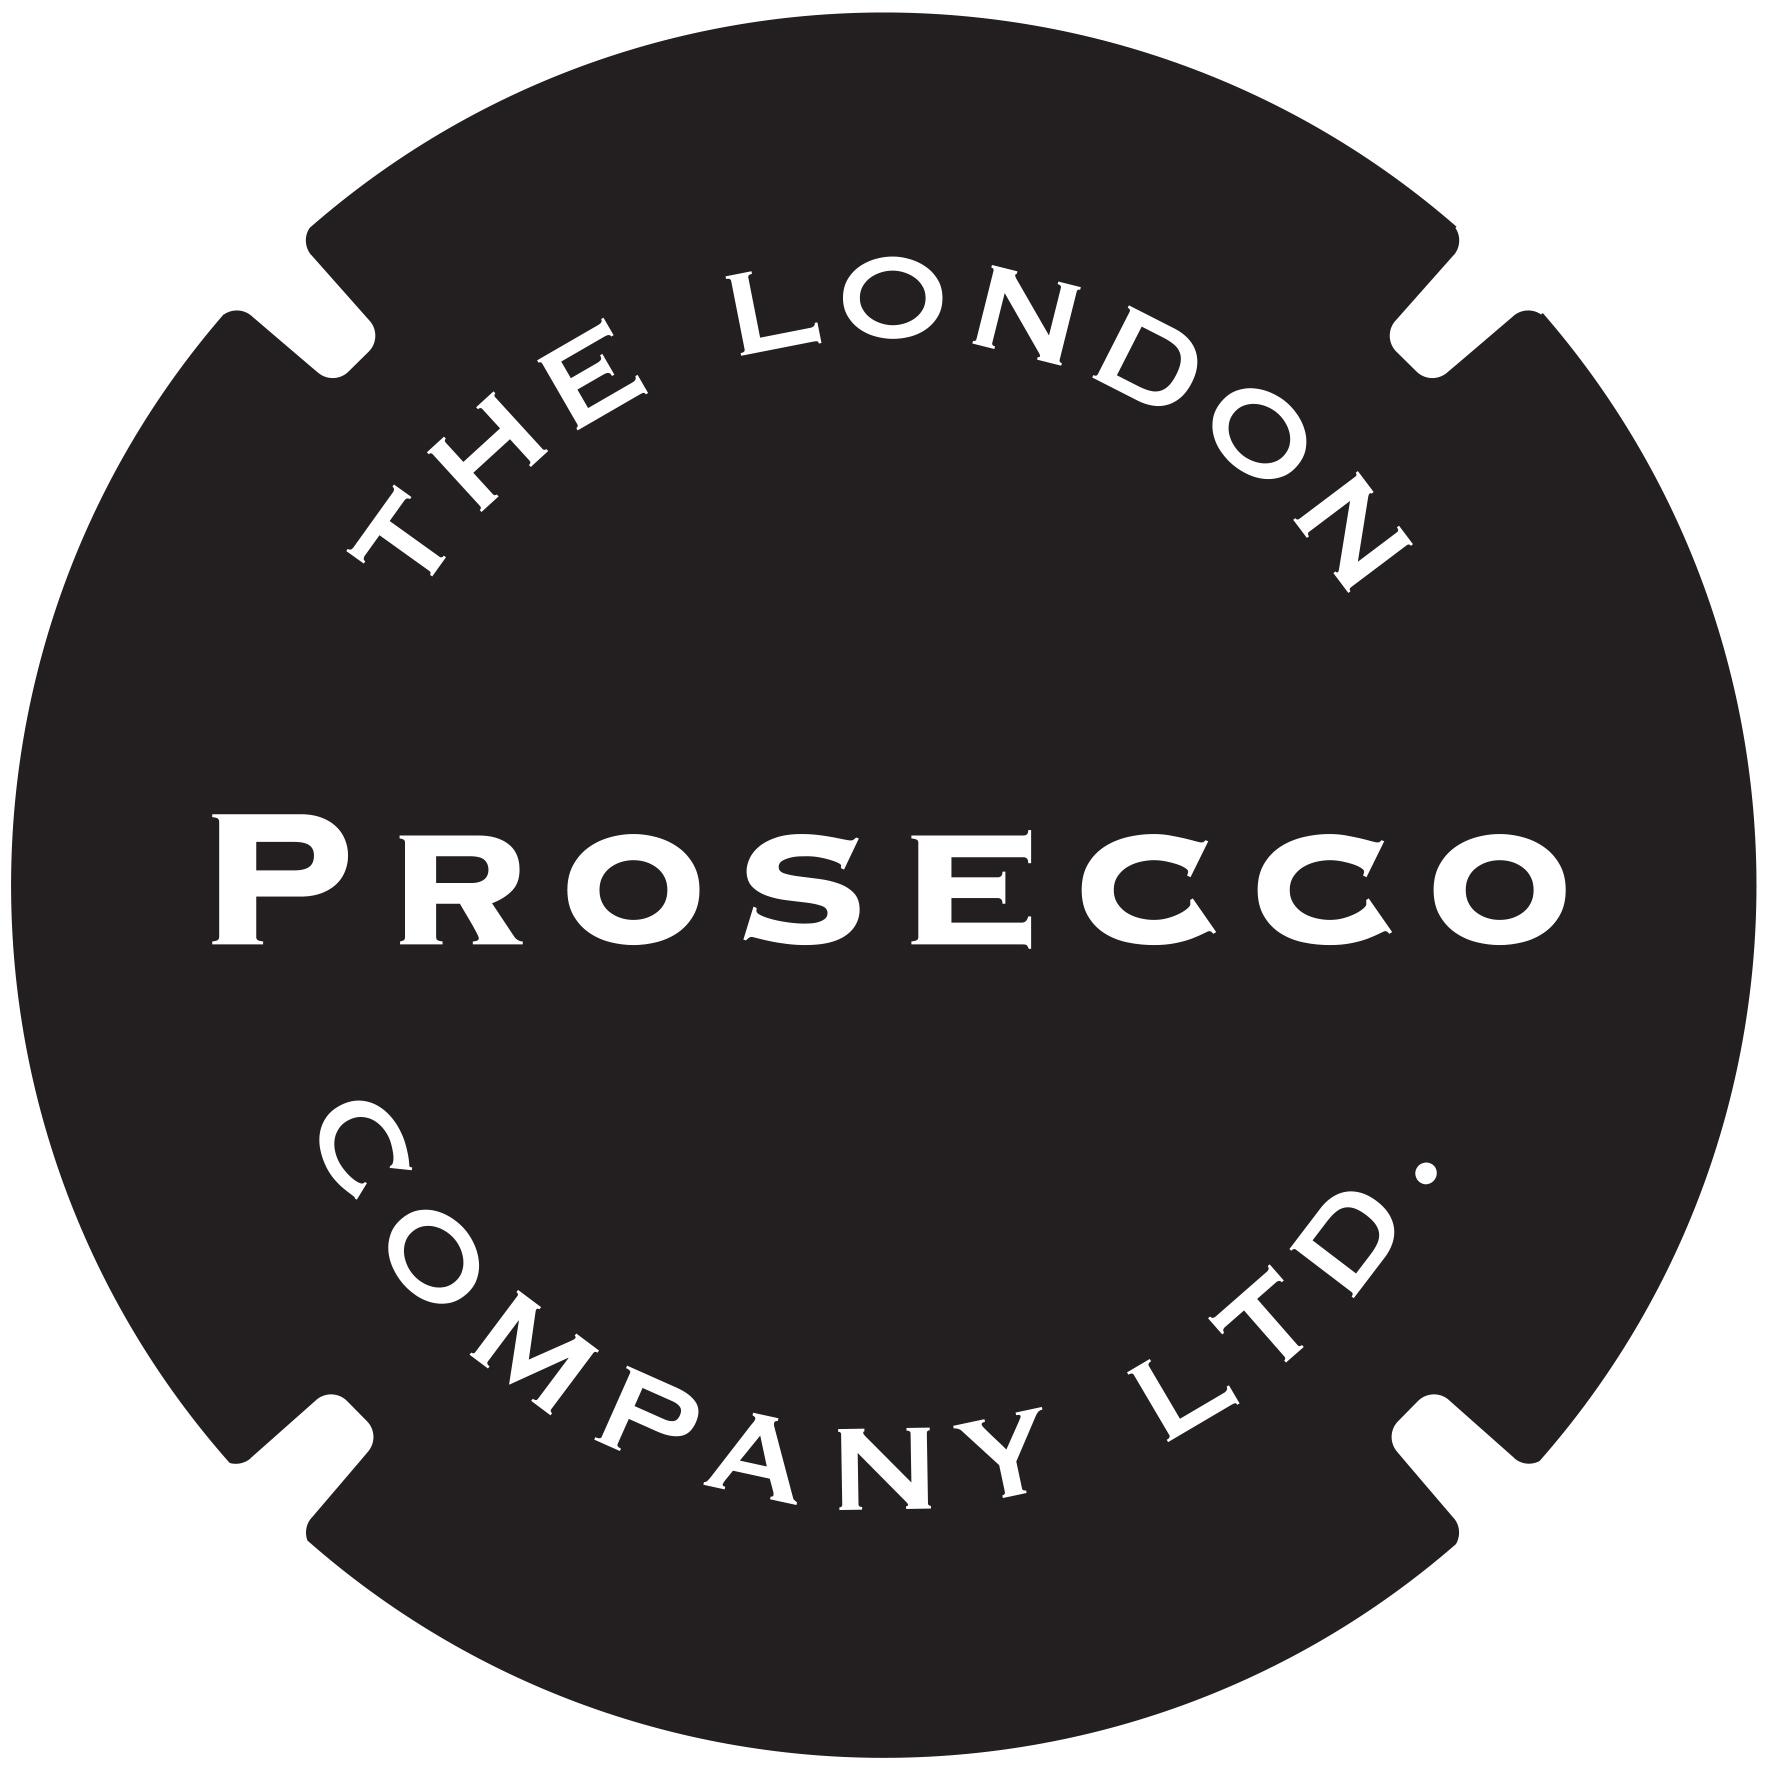 London Prosecco Logo Black.jpg